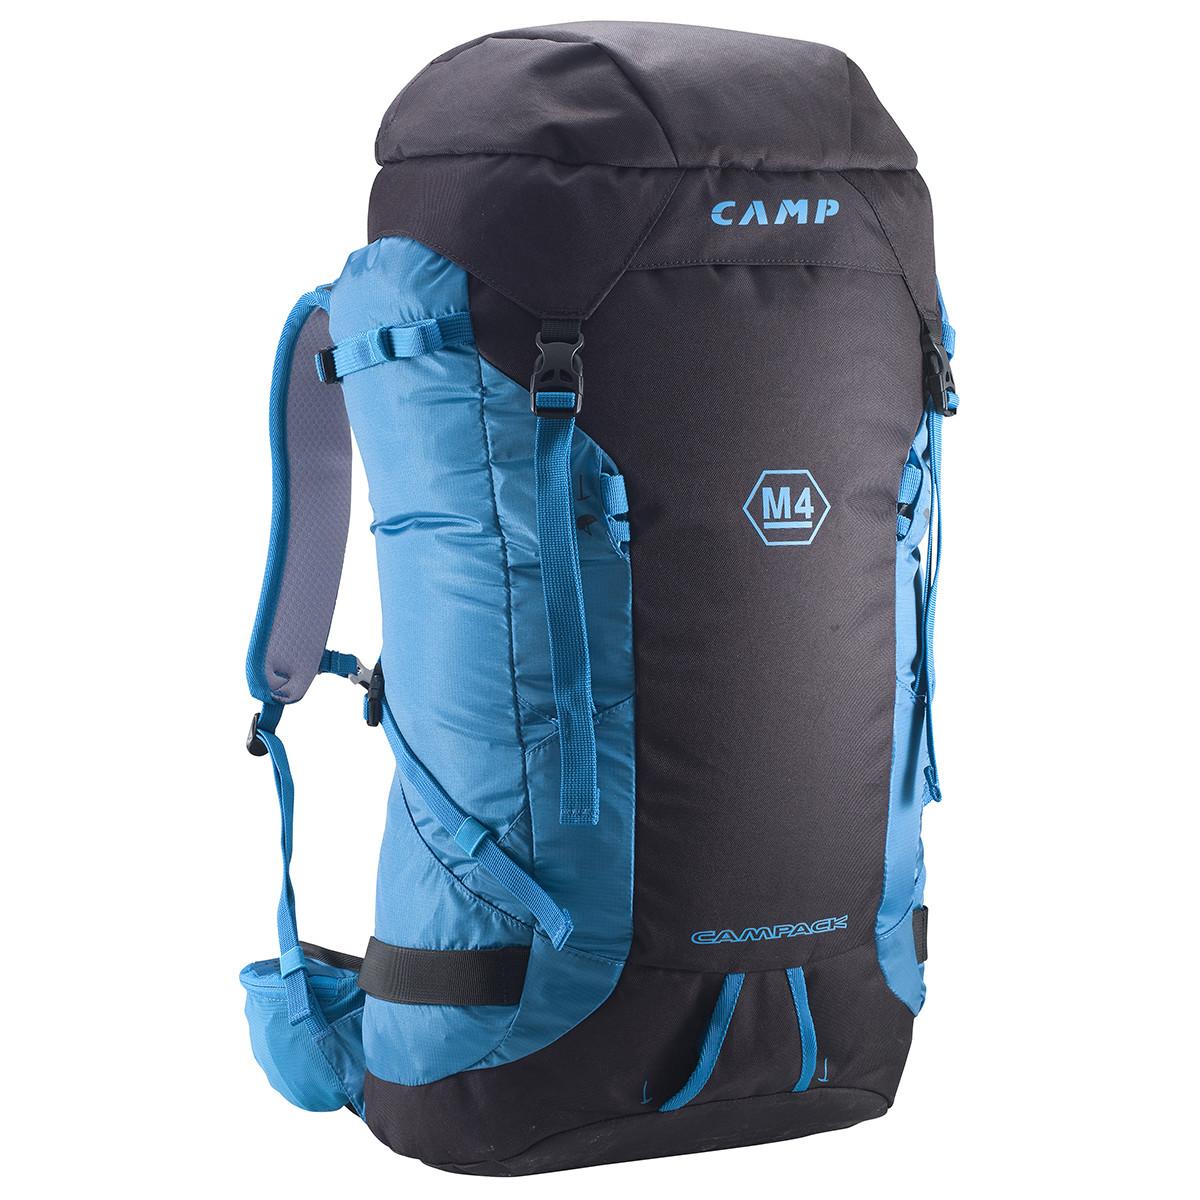 photo: CAMP M4 overnight pack (2,000 - 2,999 cu in)